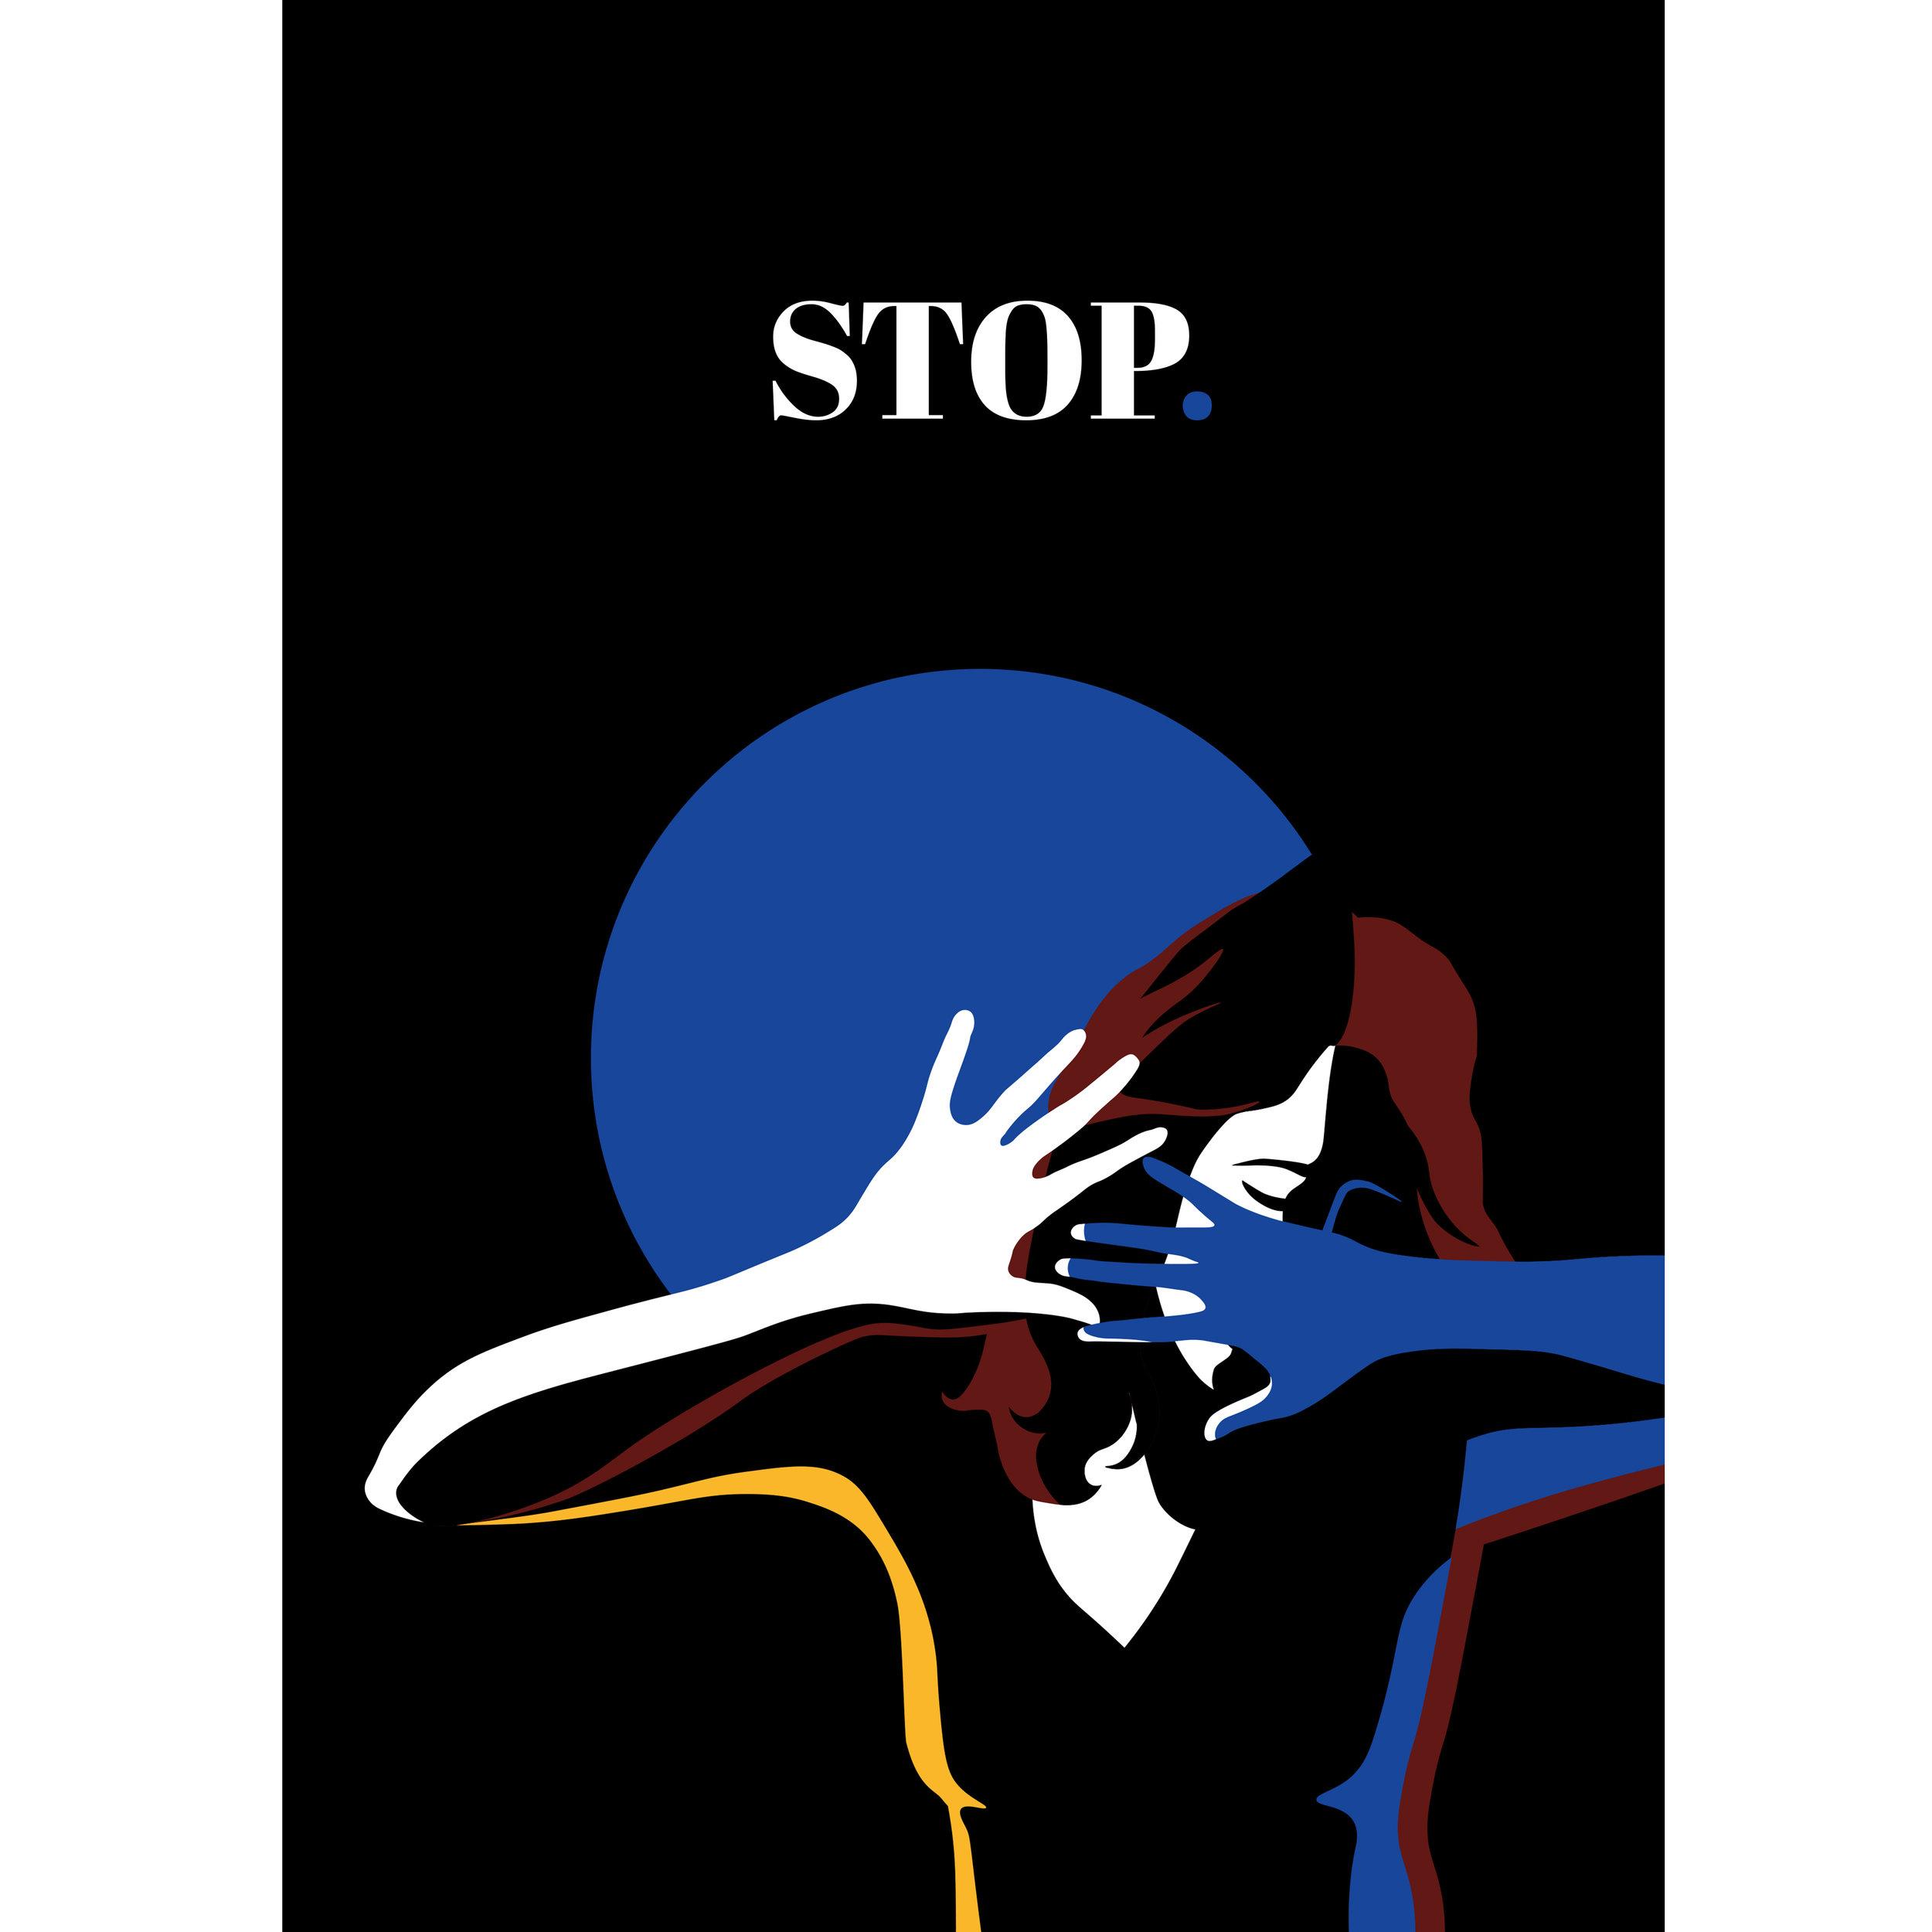 STOP_01.jpg